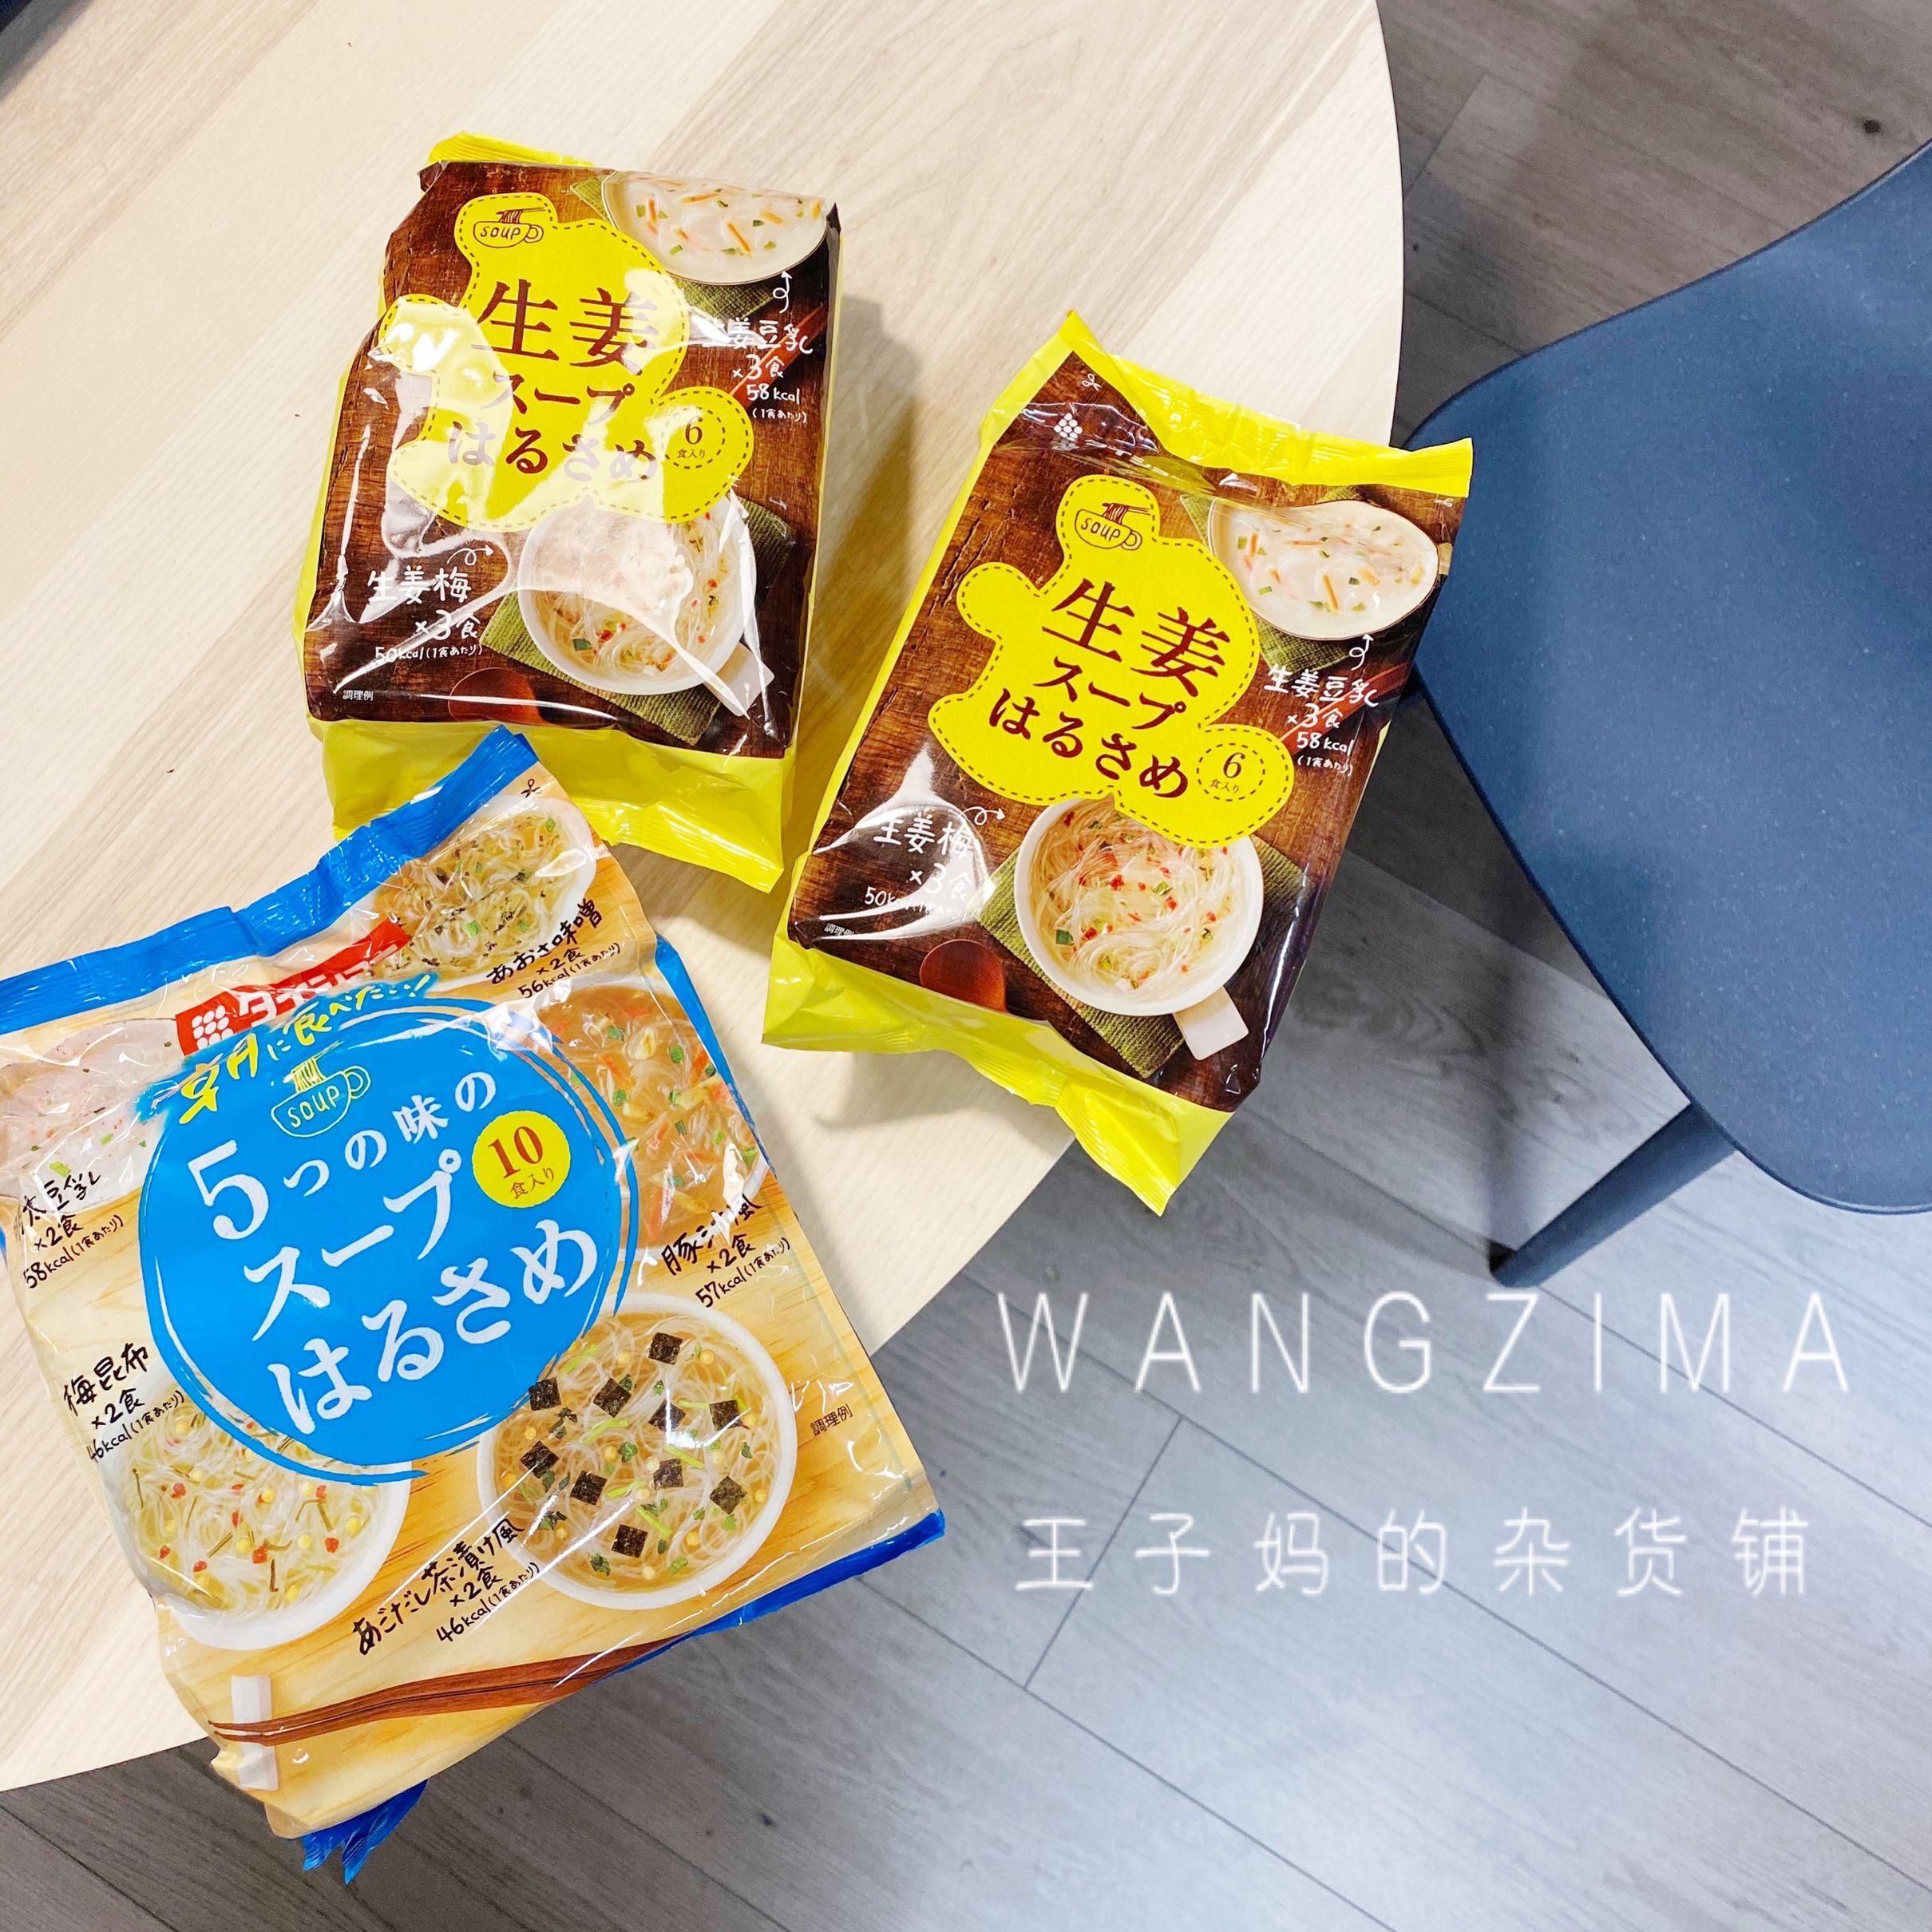 现货日本本土大正低卡粉丝代餐粉丝方便粉丝